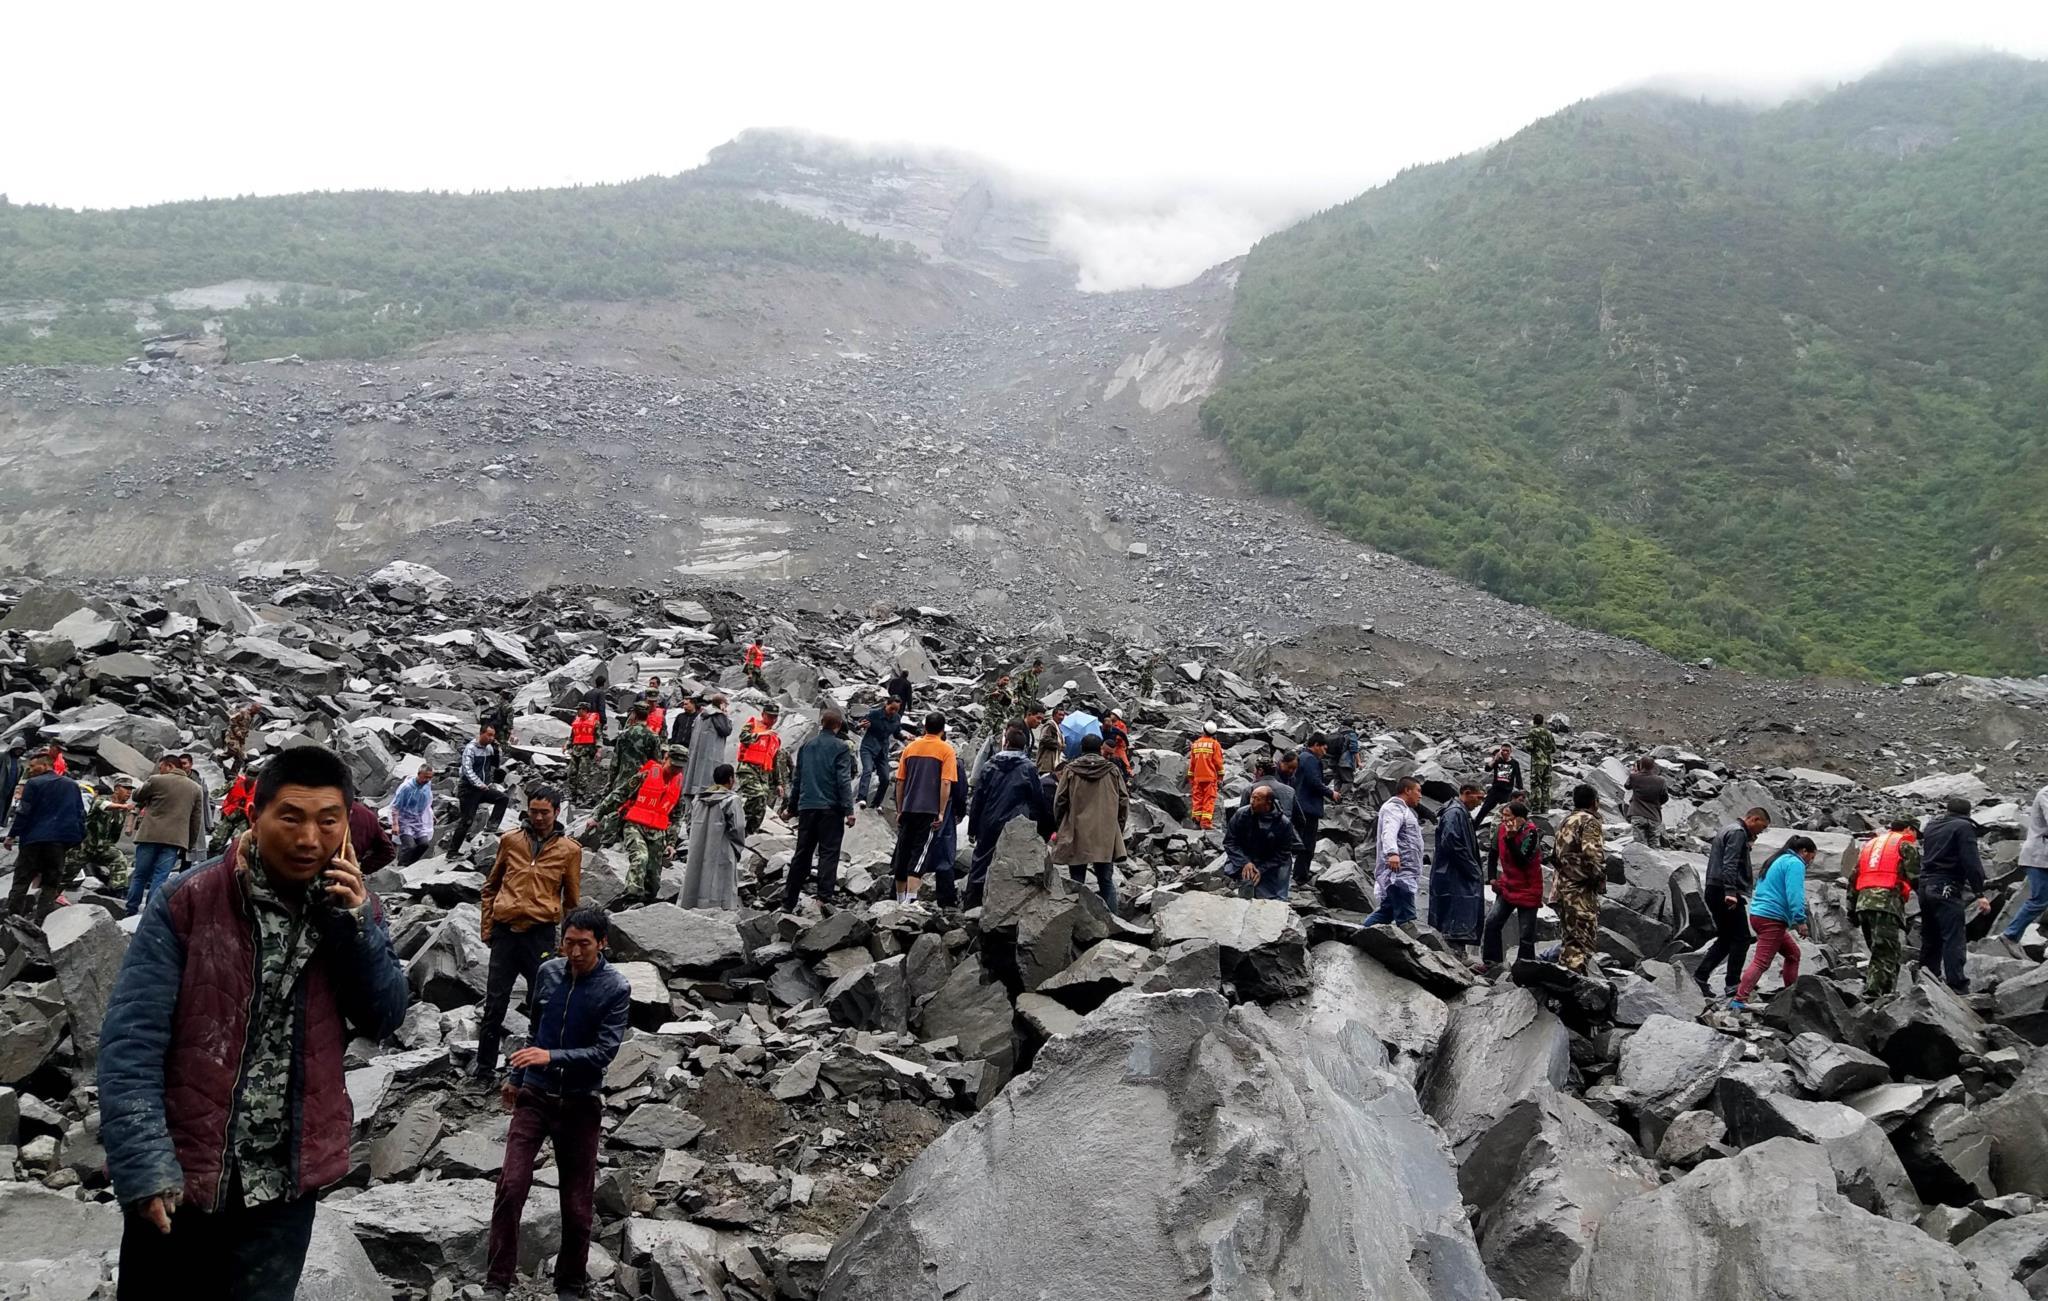 PÚBLICO - Desabamento de terras na China 141 pessoas soterradas